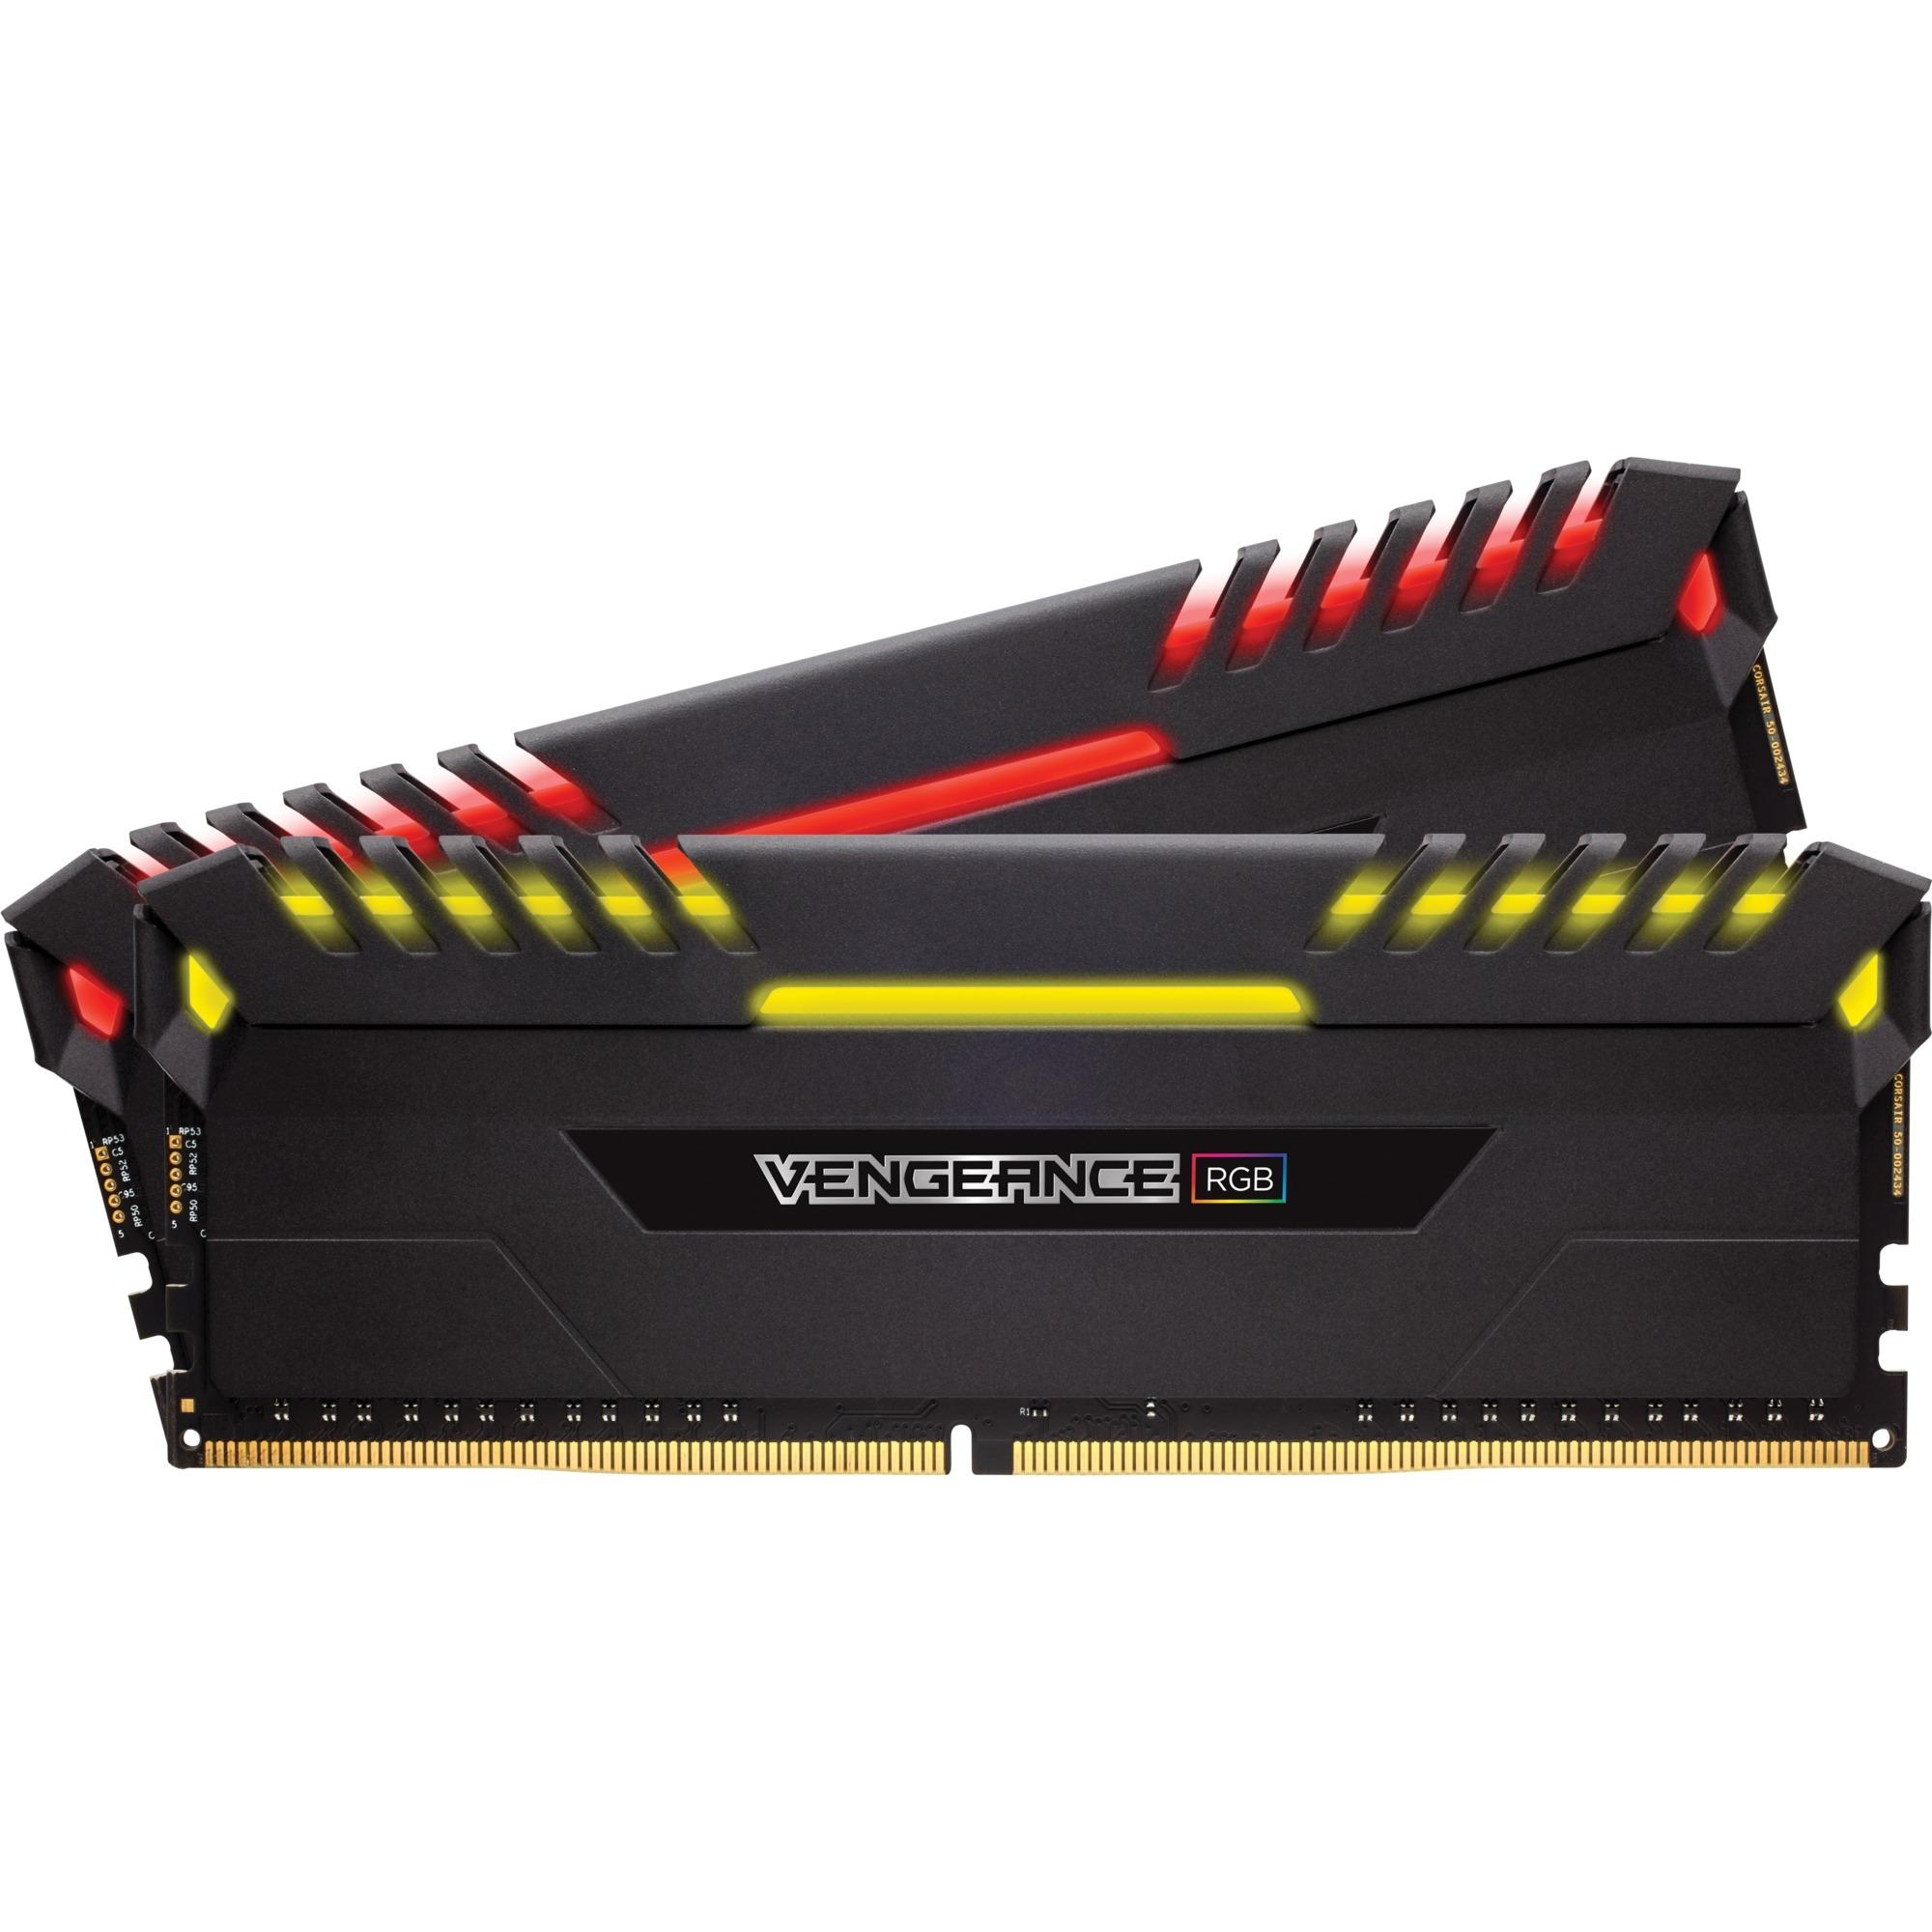 Vengeance 32 GB, DDR4, 2666 MHz 32Go DDR4 2666MHz module de mémoire